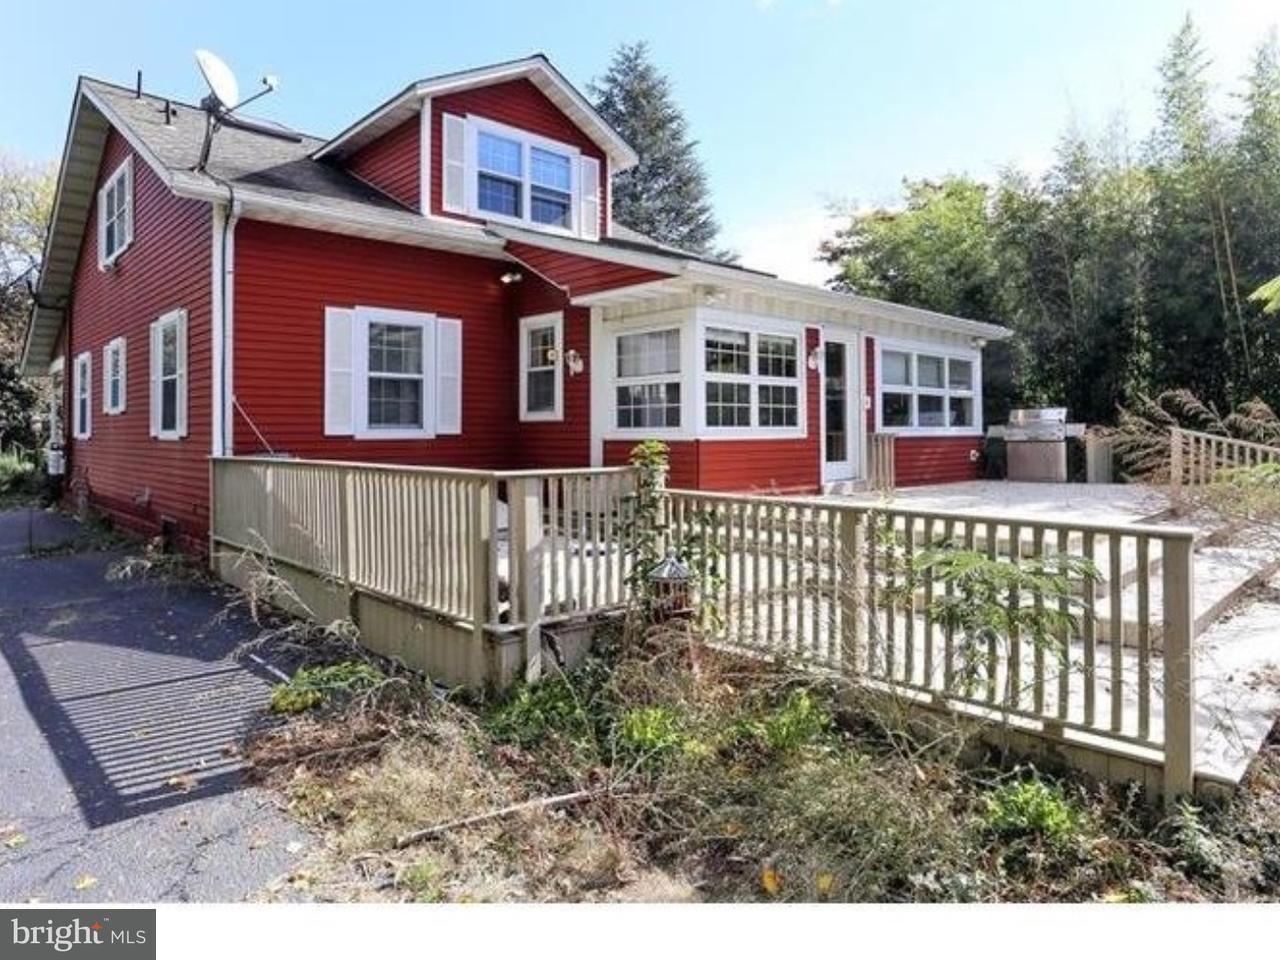 Maison unifamiliale pour l Vente à 169 OLD CRANBURY Road East Windsor Township, New Jersey 08512 États-UnisDans/Autour: East Windsor Township